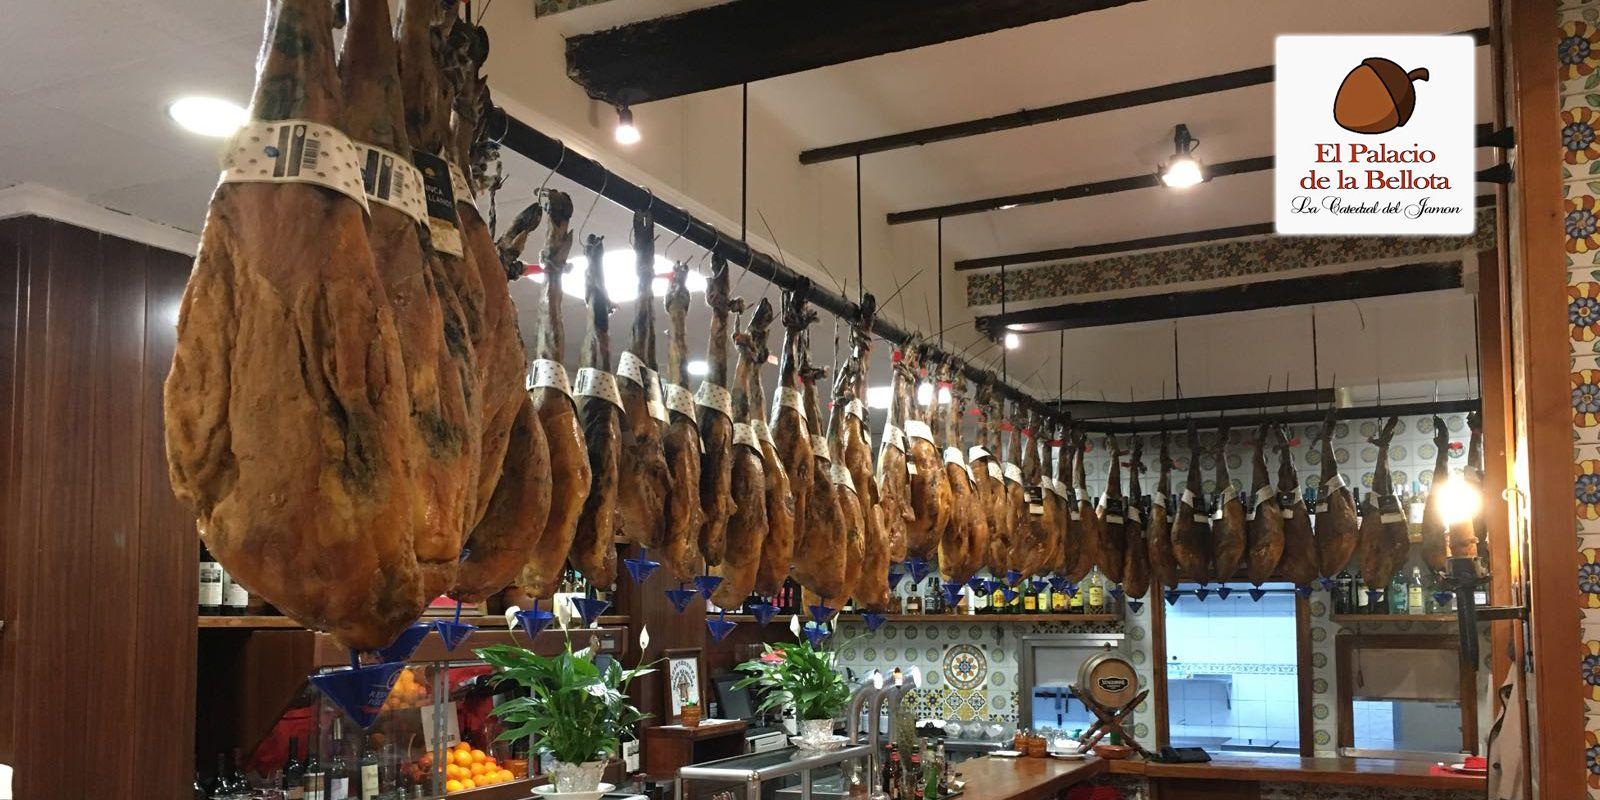 El restaurante Palacio de la Bellota preparado para recibir a sus clientes